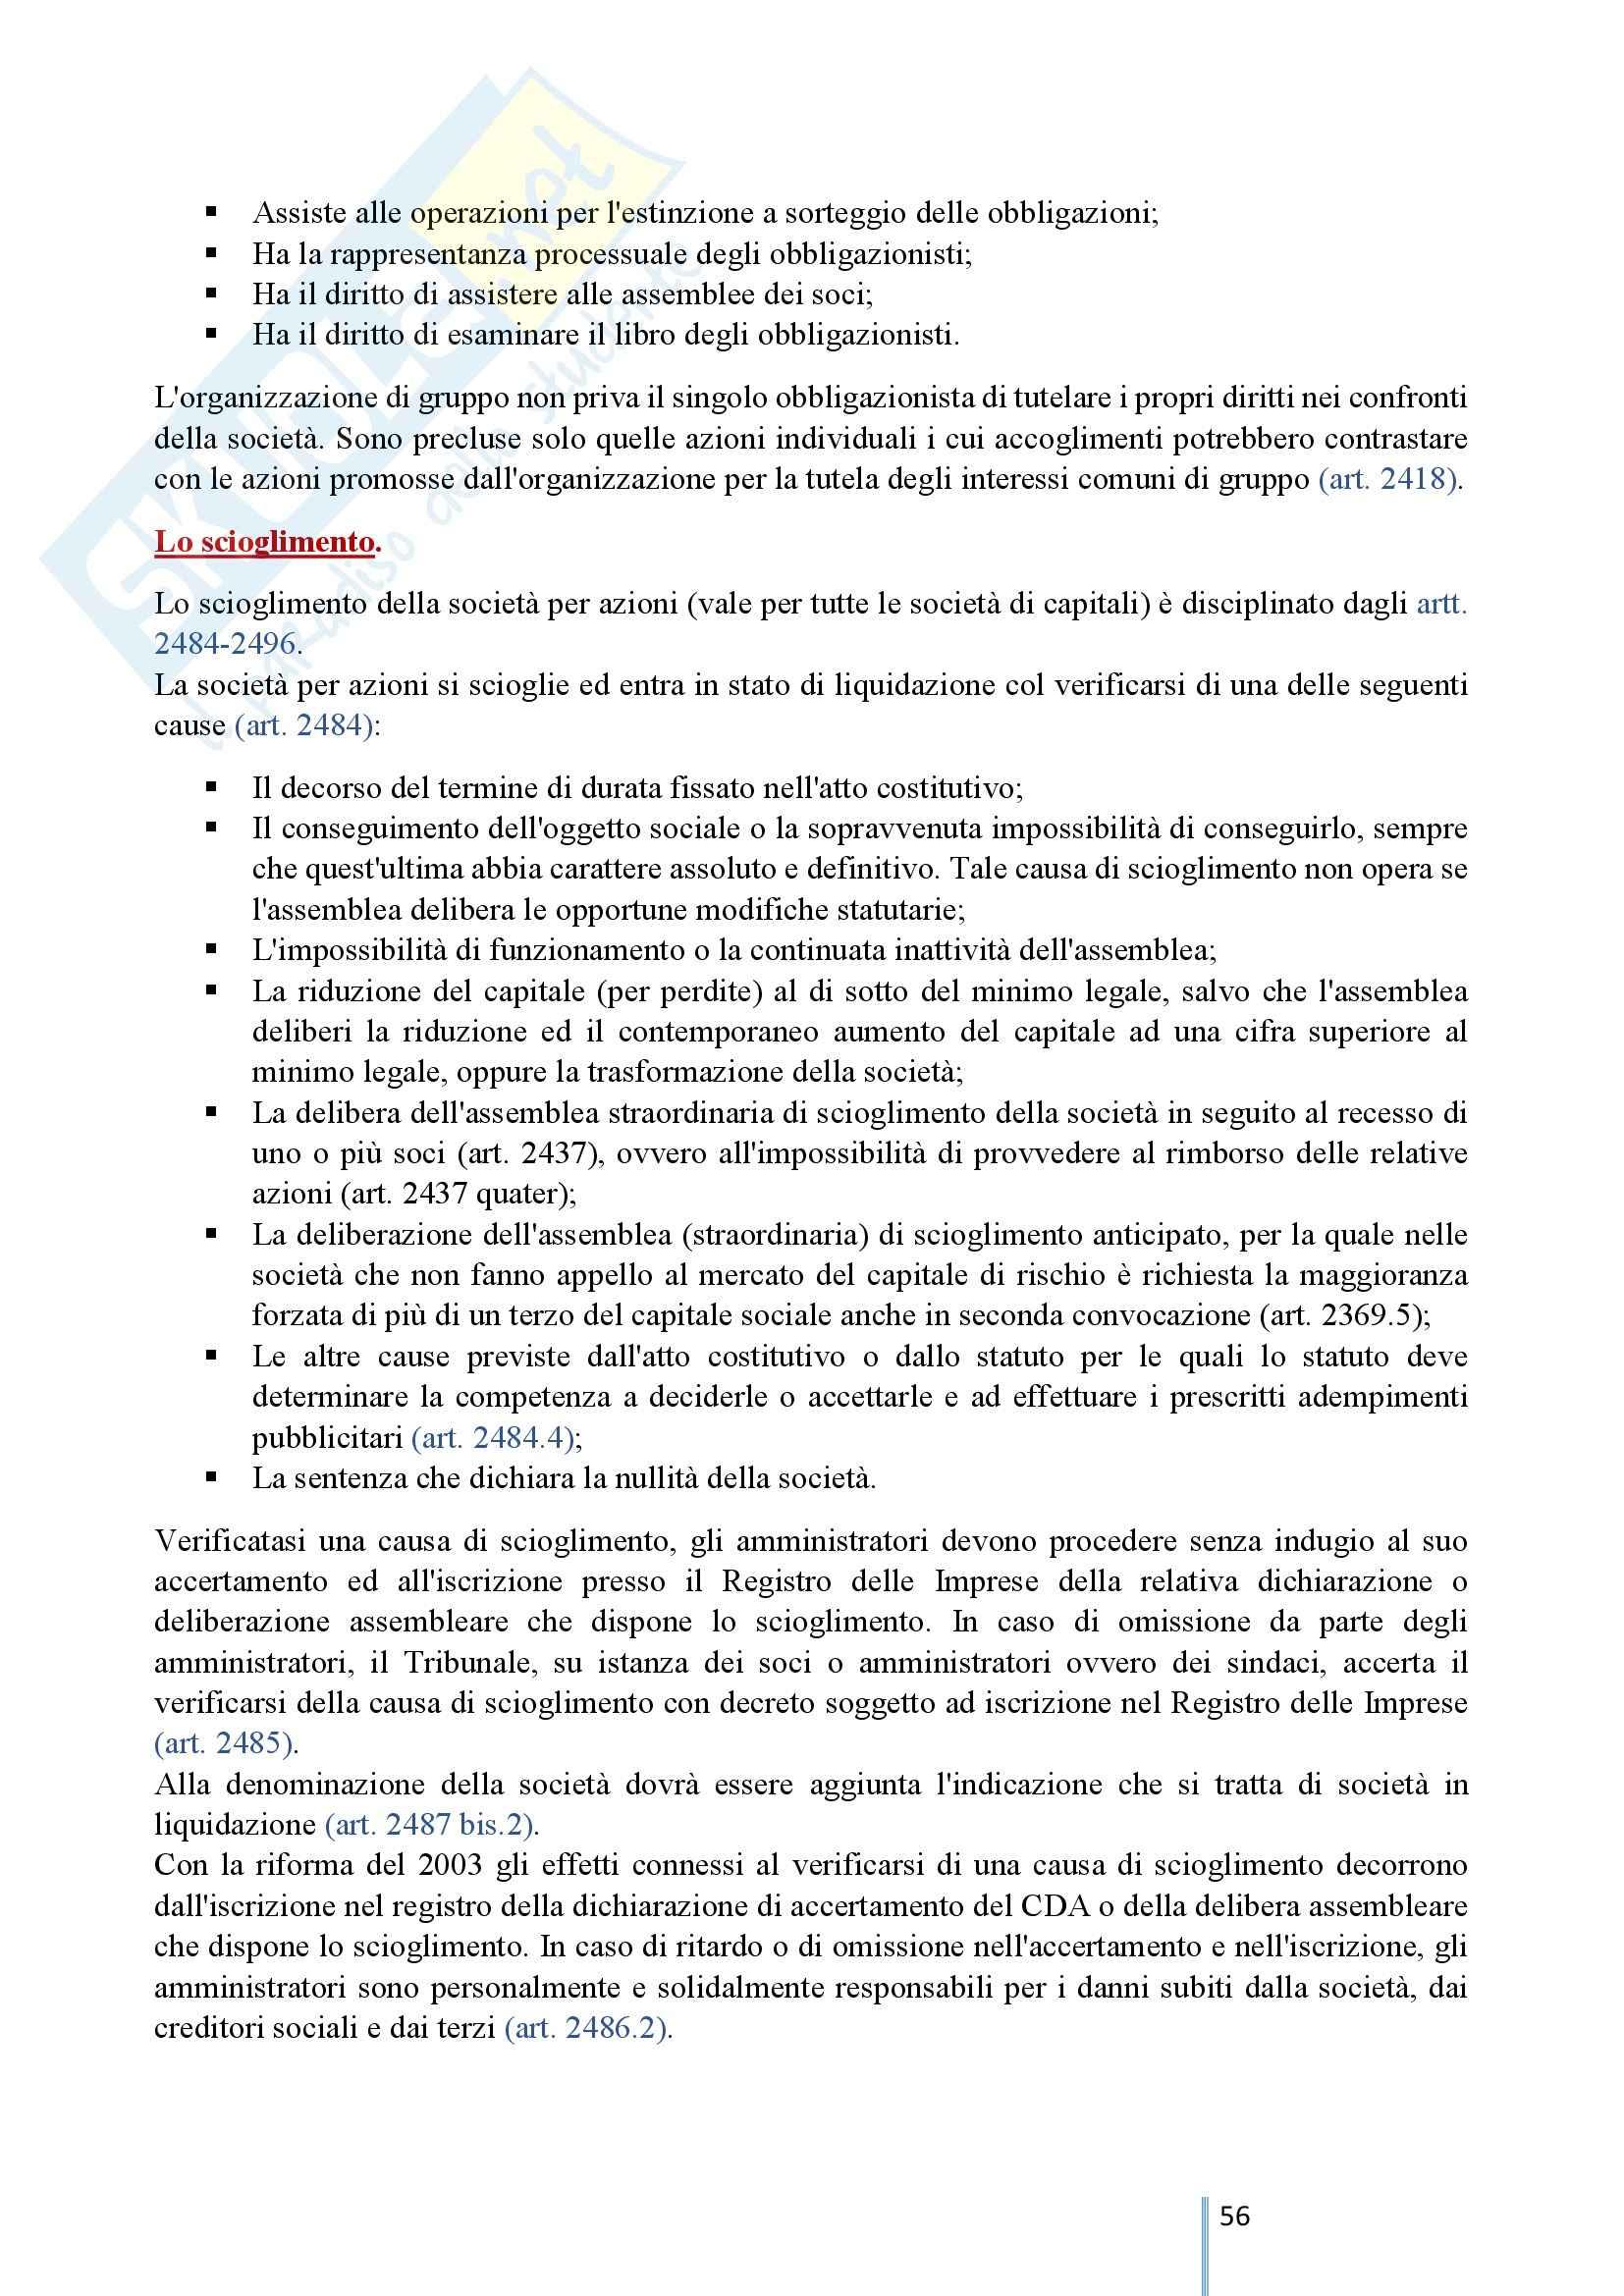 Diritto Commerciale 2 - Le società di capitali e le società cooperative Pag. 56